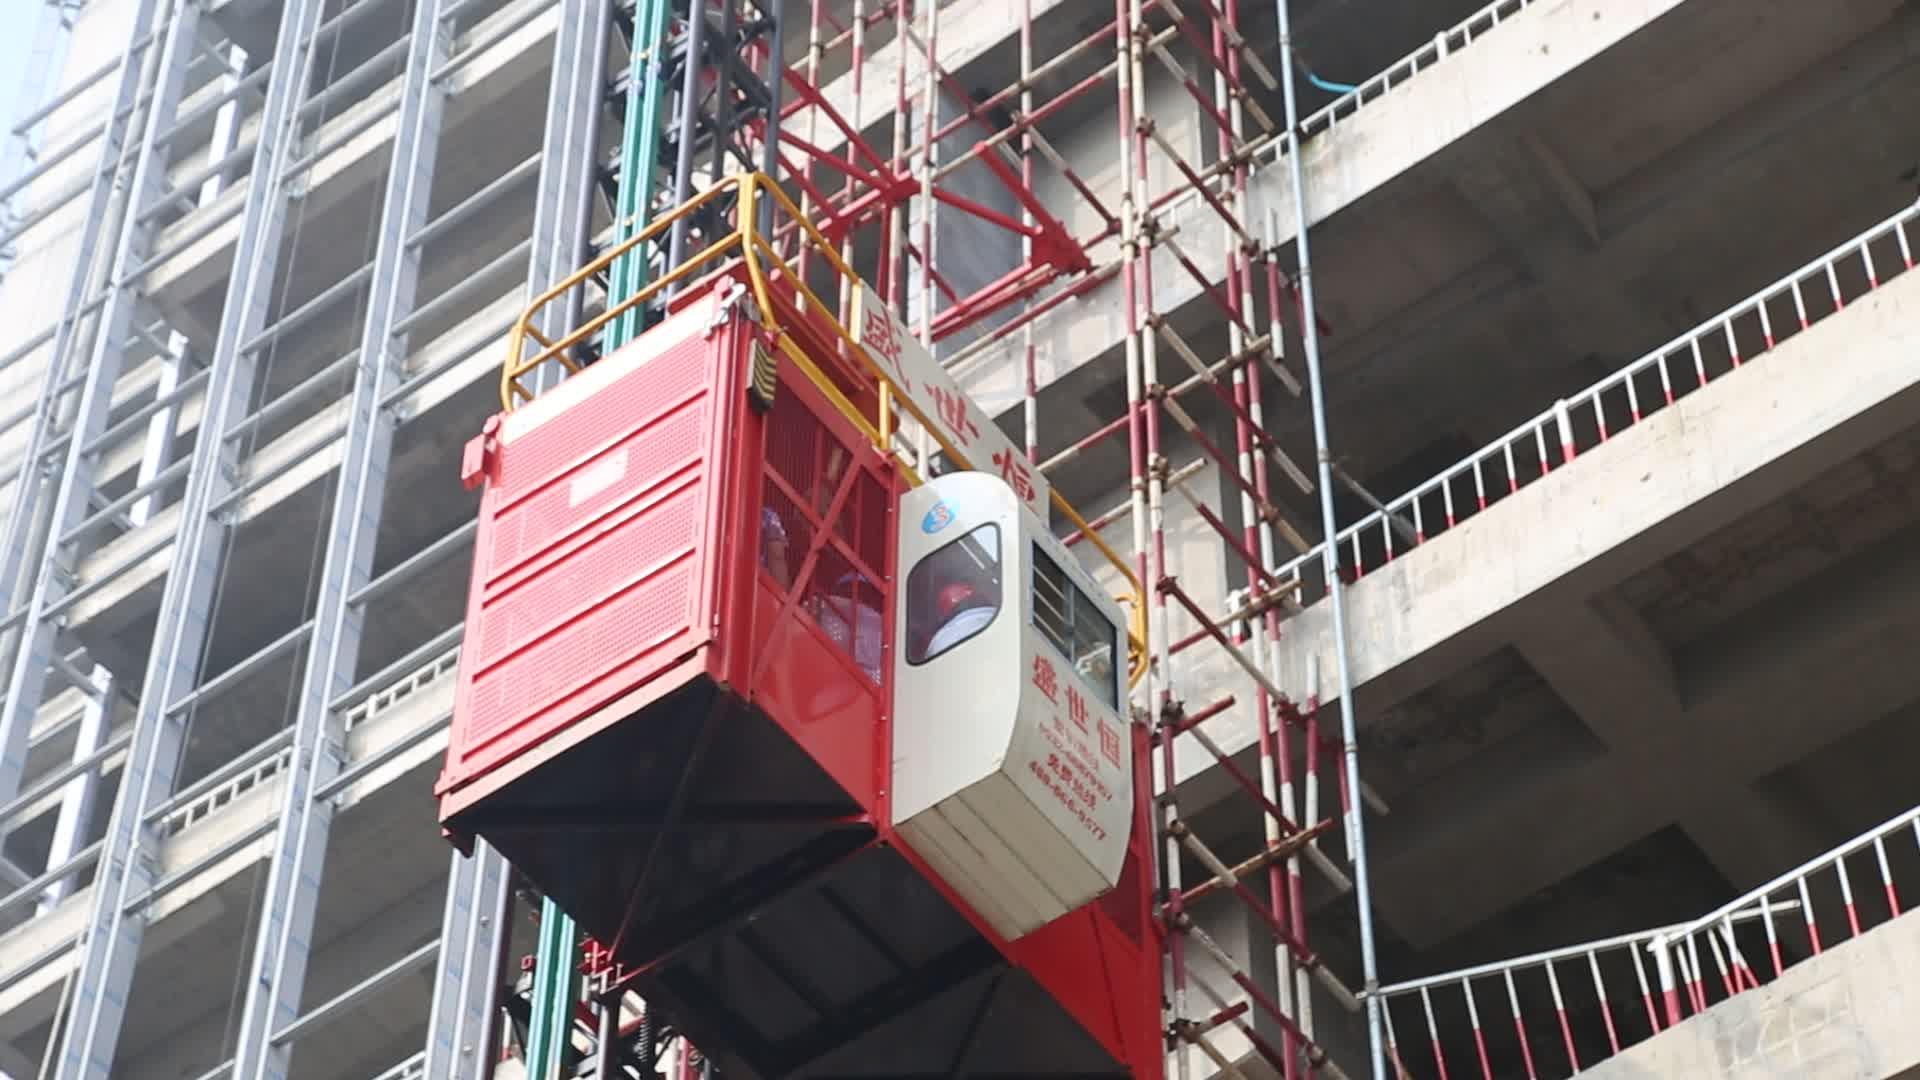 ลิฟท์กรงวัสดุก่อสร้างขนาด 1,000 กก